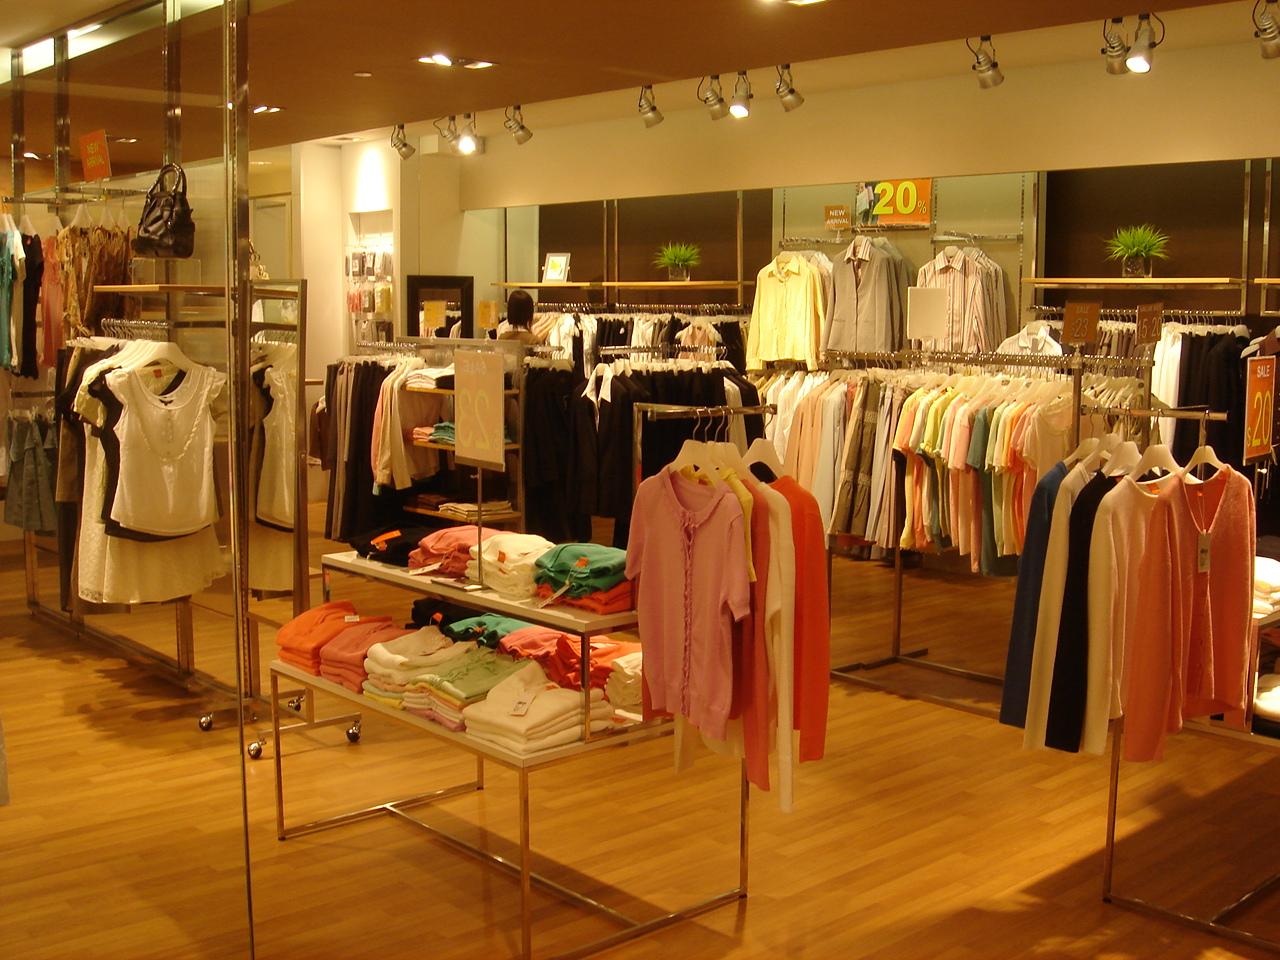 Chọn nguồn sỉ quần áo thế nào để được giá rẻ nhất?